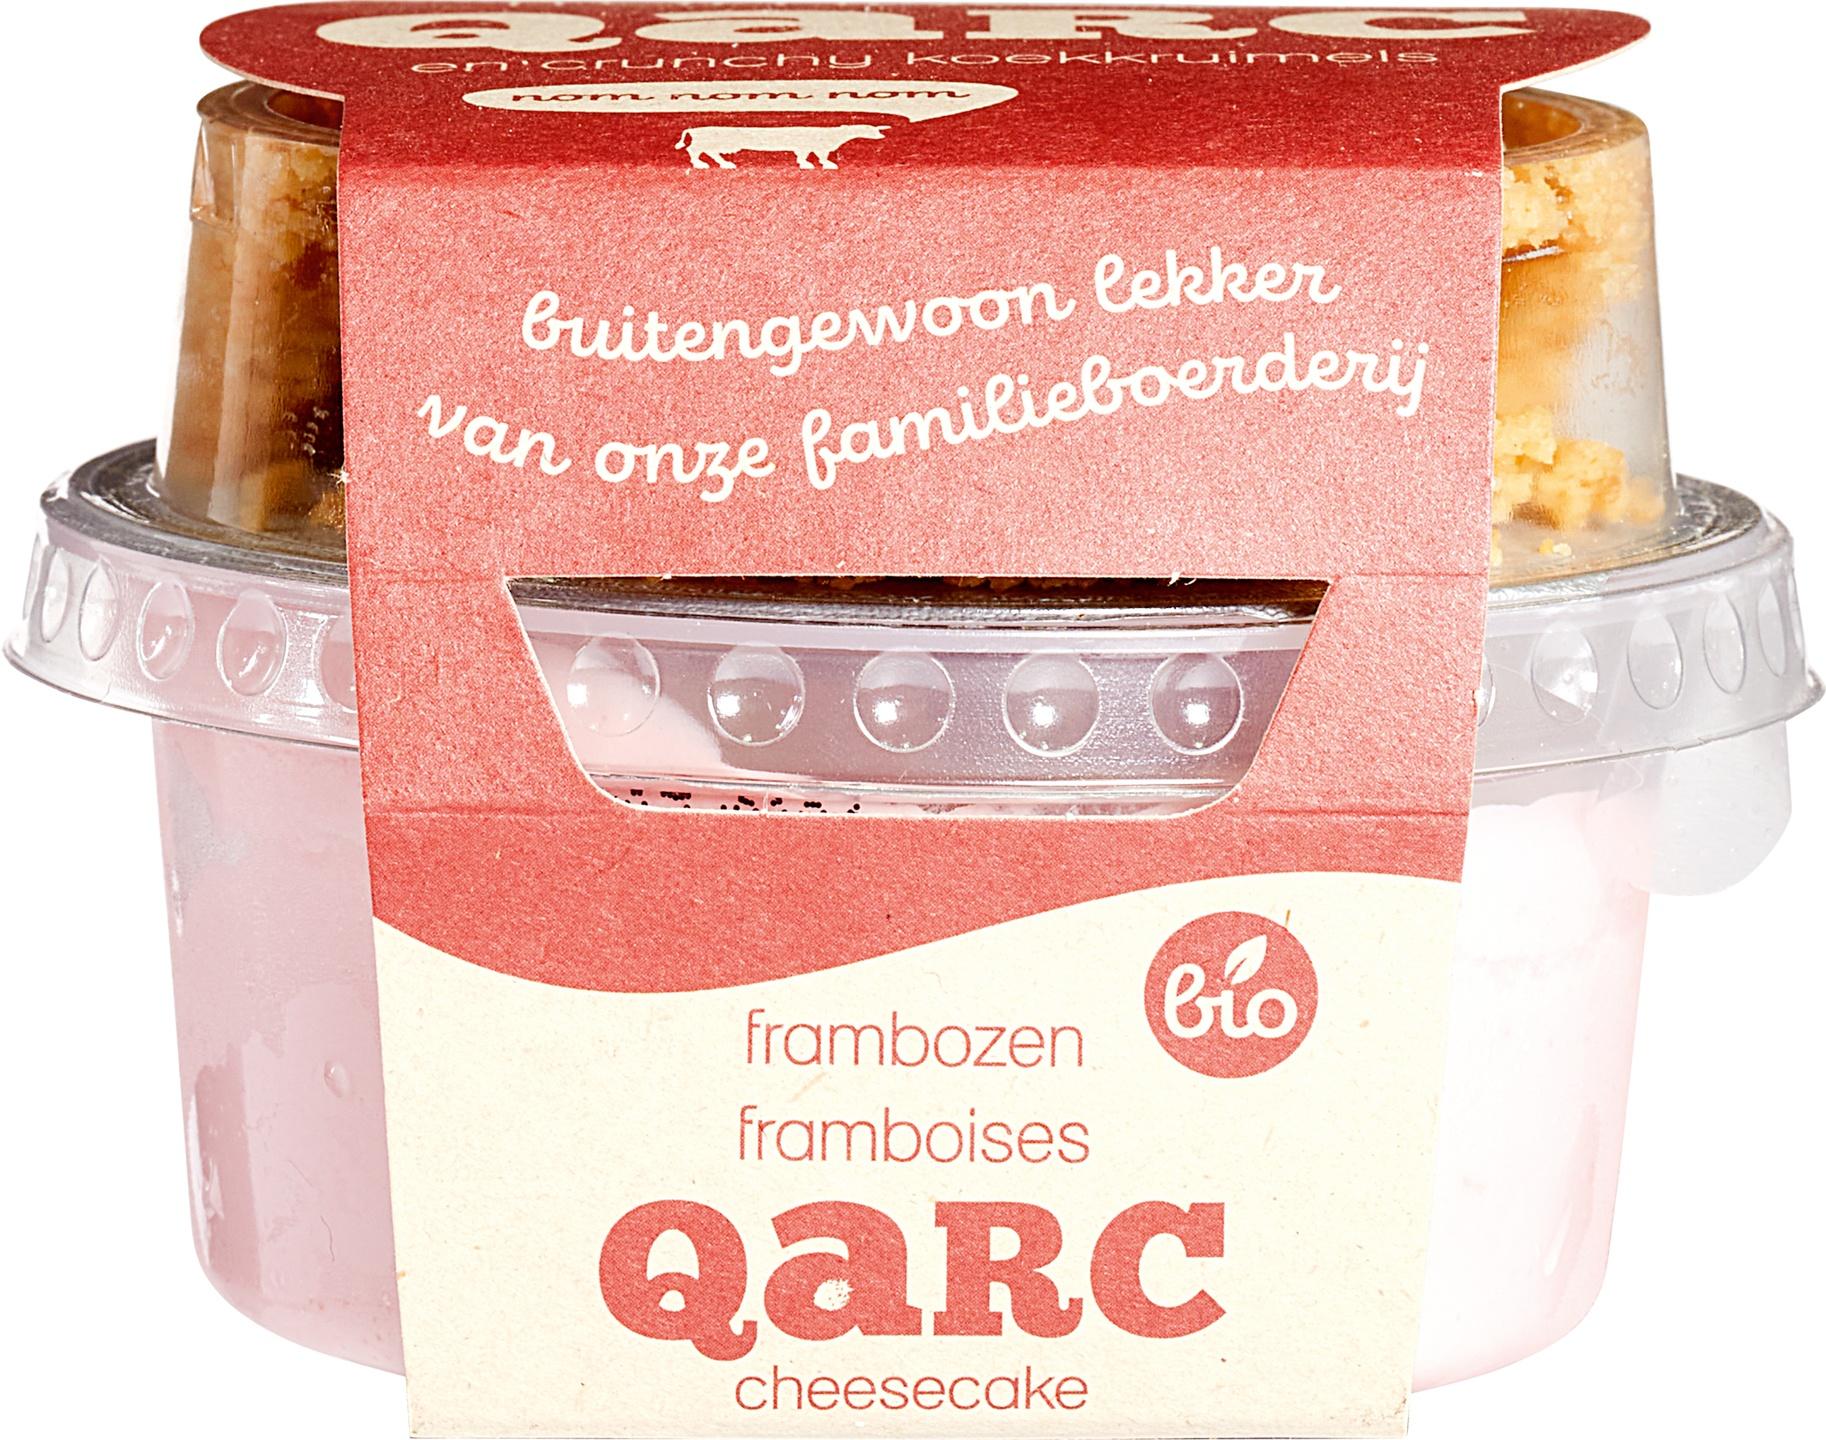 Biologische Qarc Frambozenkwark met koekkruimels 135 gr